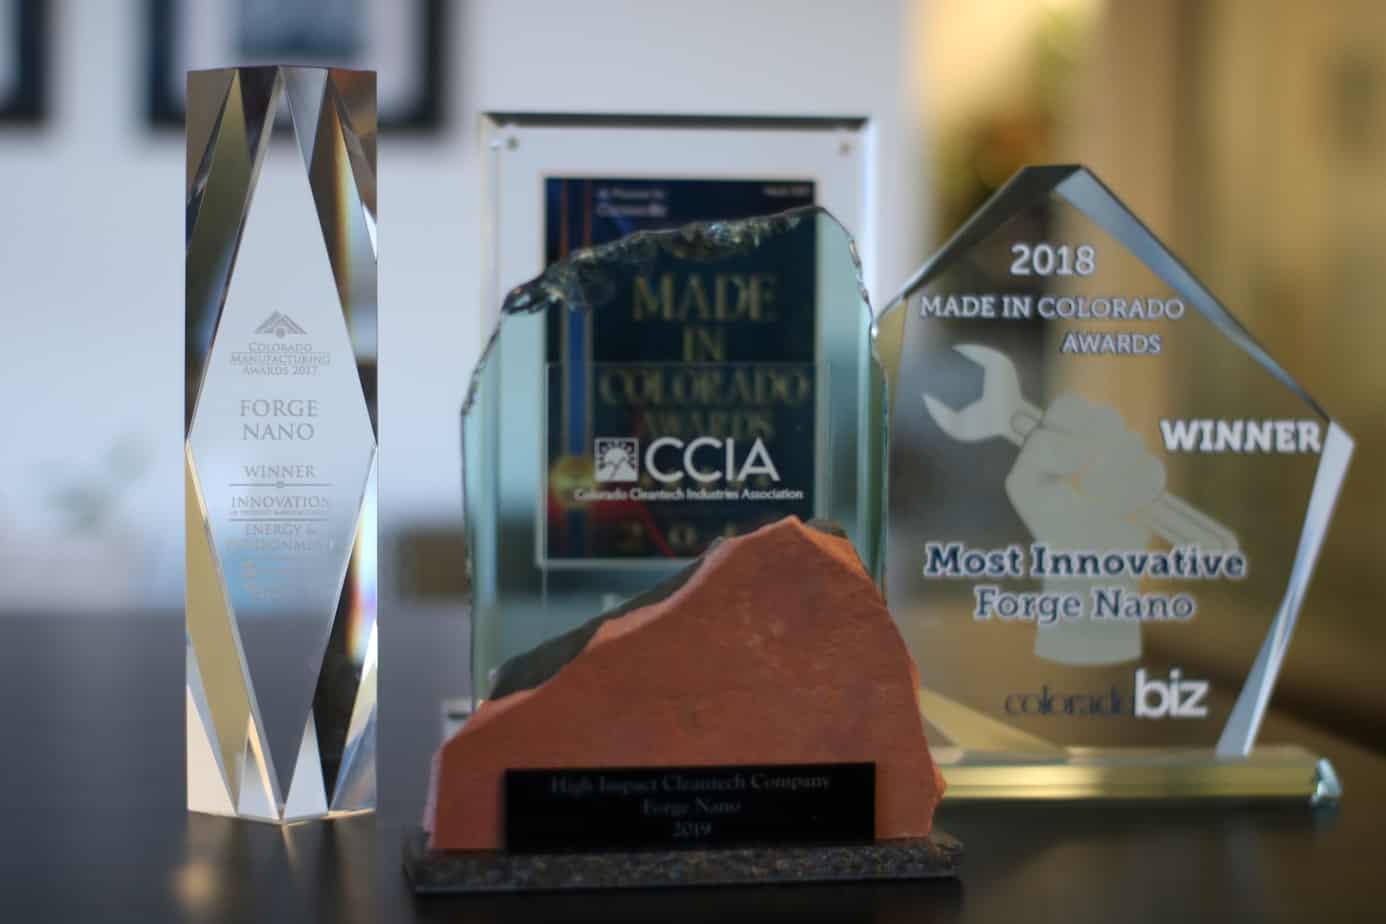 CCIA Award